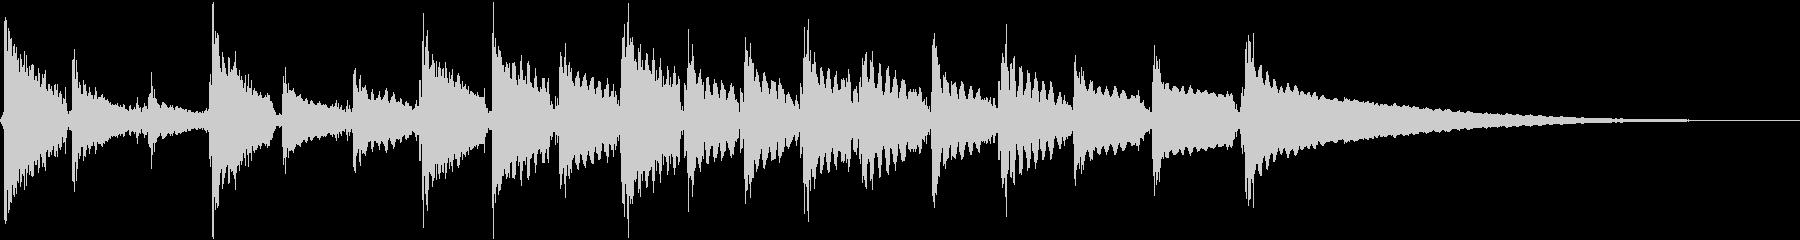 音響ギター:奇異なアクセント、漫画...の未再生の波形